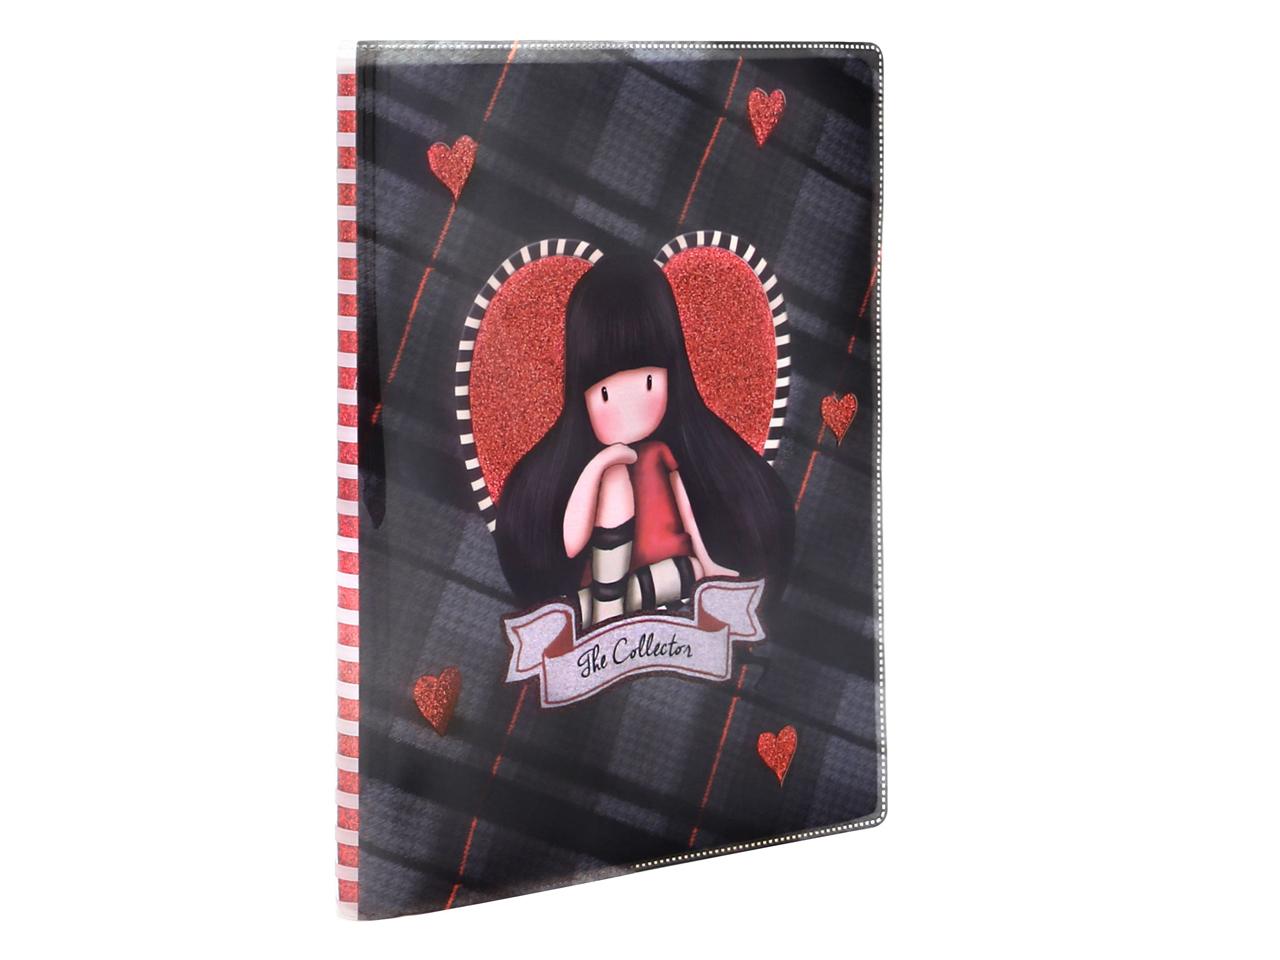 Santoro Gorjuss Tartan Glitter Laminated Notebook The Collector